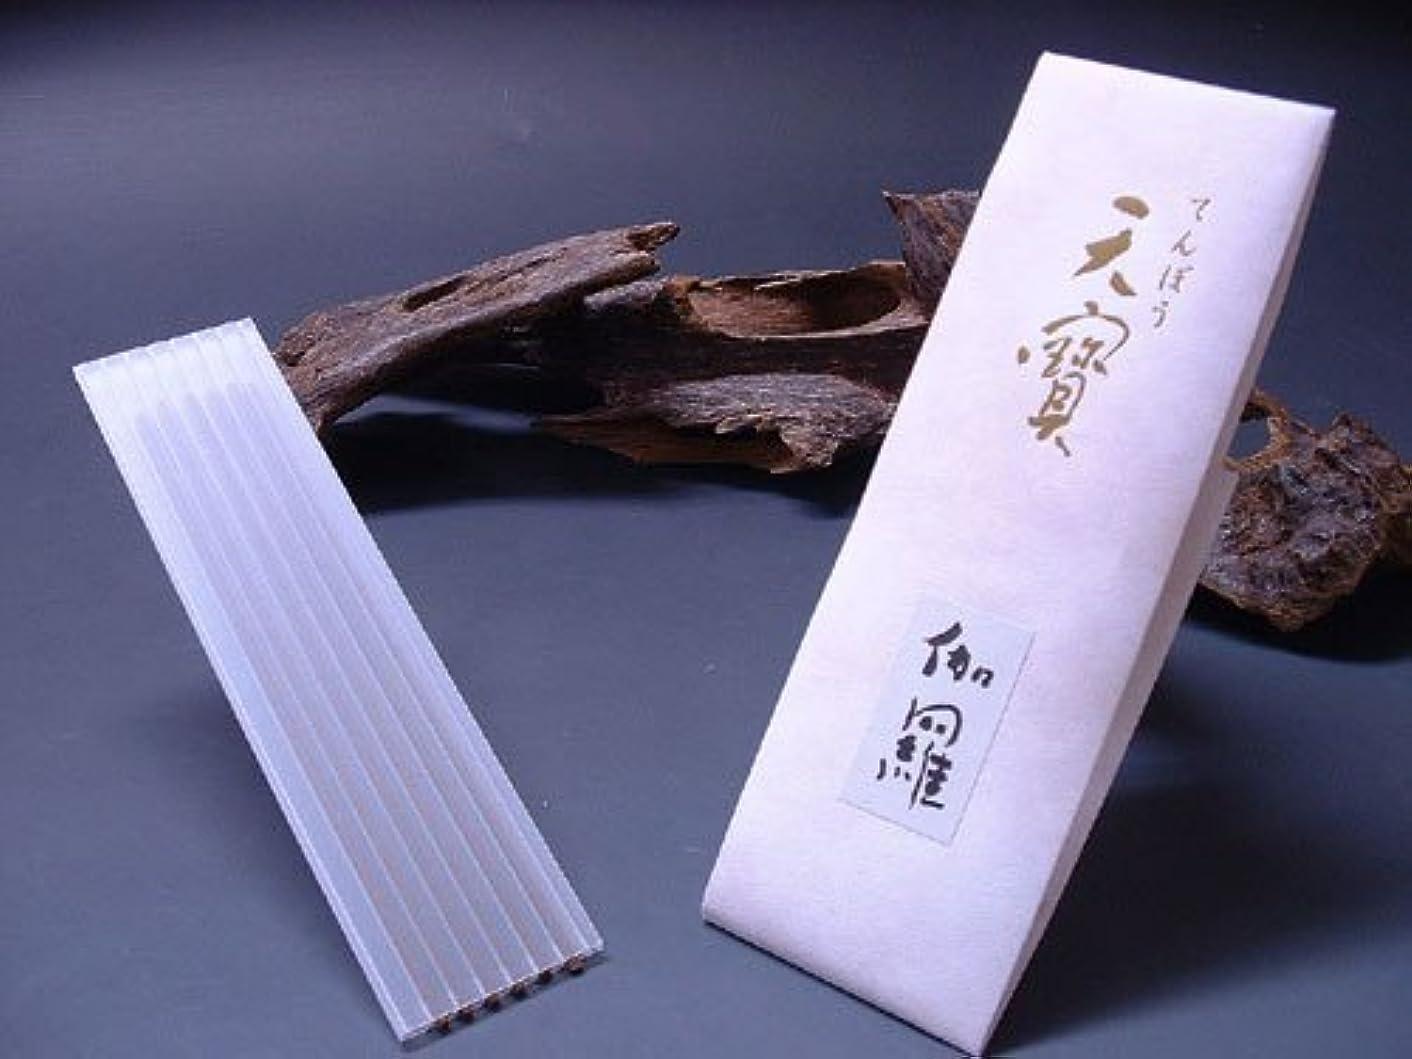 古風な上に荒らす薫寿堂のお香 天寶 伽羅 たとう紙 6本入